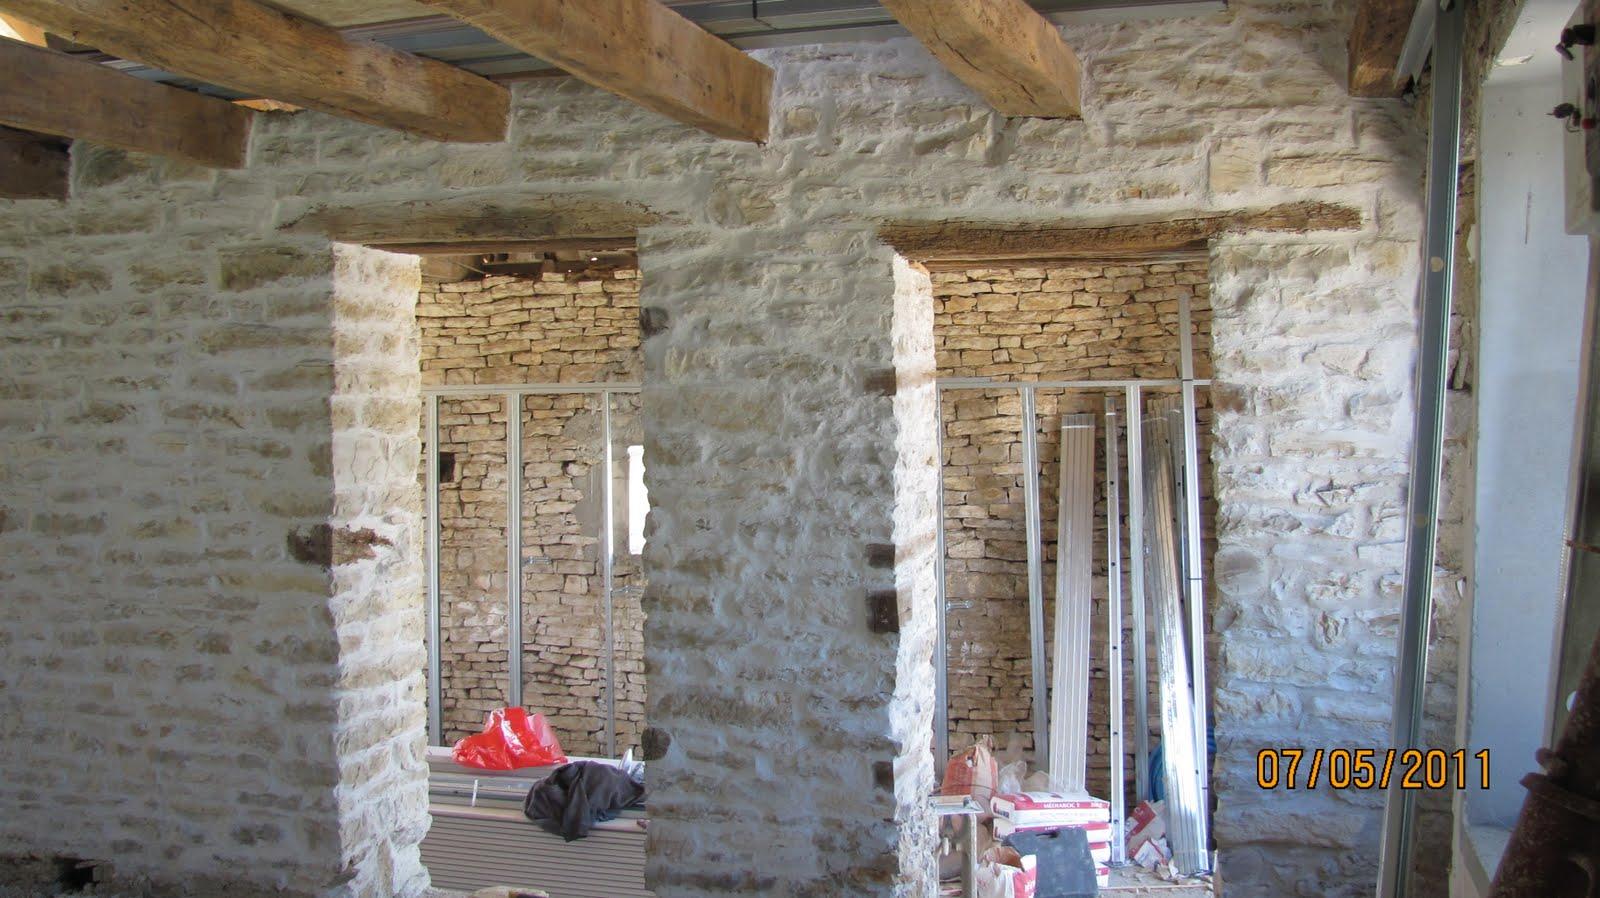 Ma onnerie finition des joints d 39 un mur en pierre dans un - Mur en agglo ...